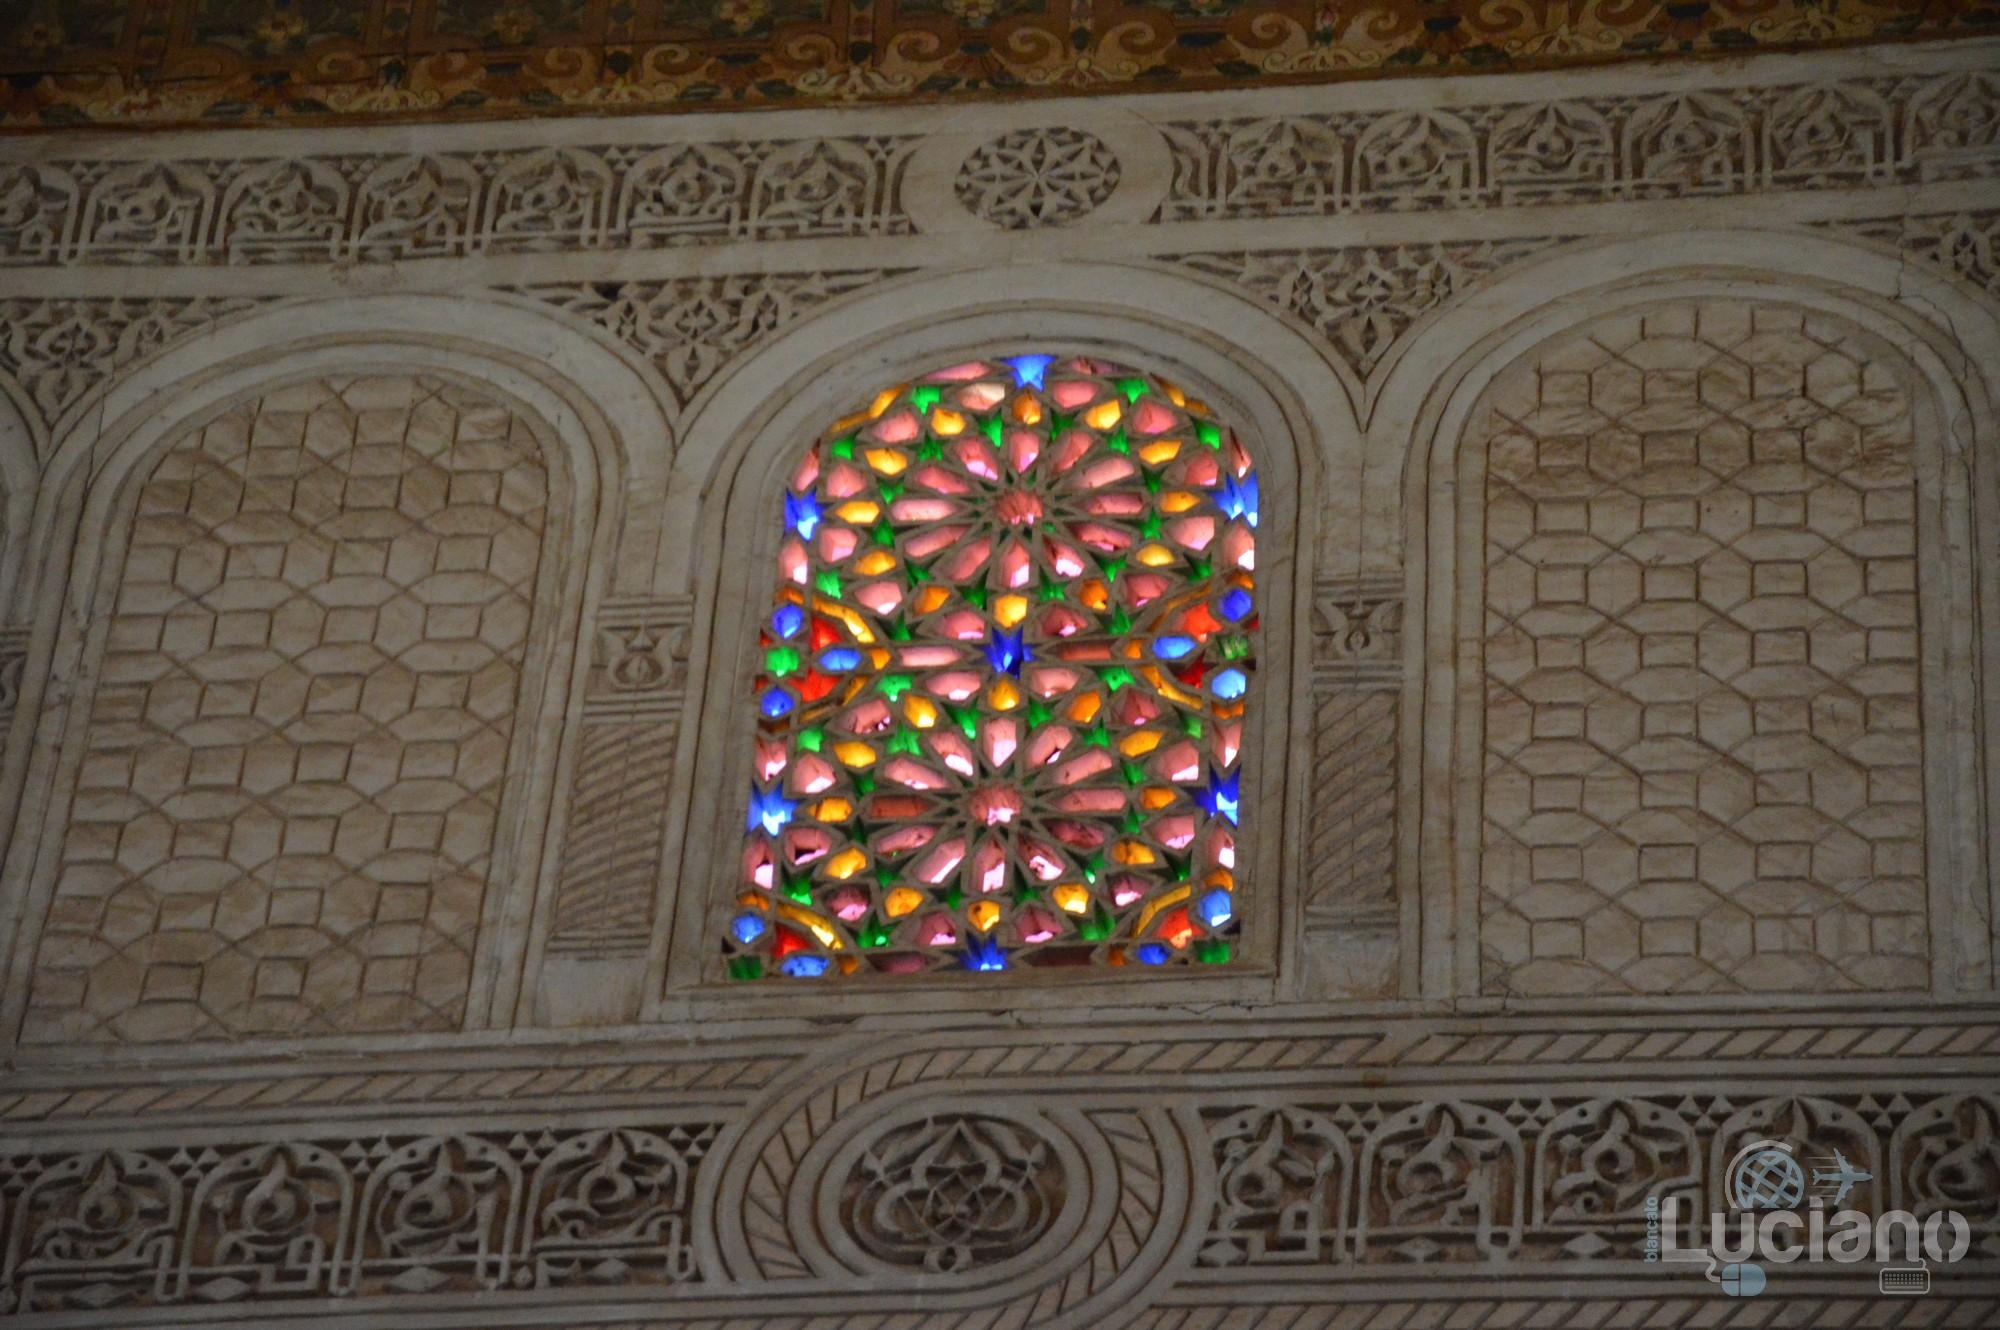 Palais Bahia - Marrakech - Marocco - Luciano Blancato